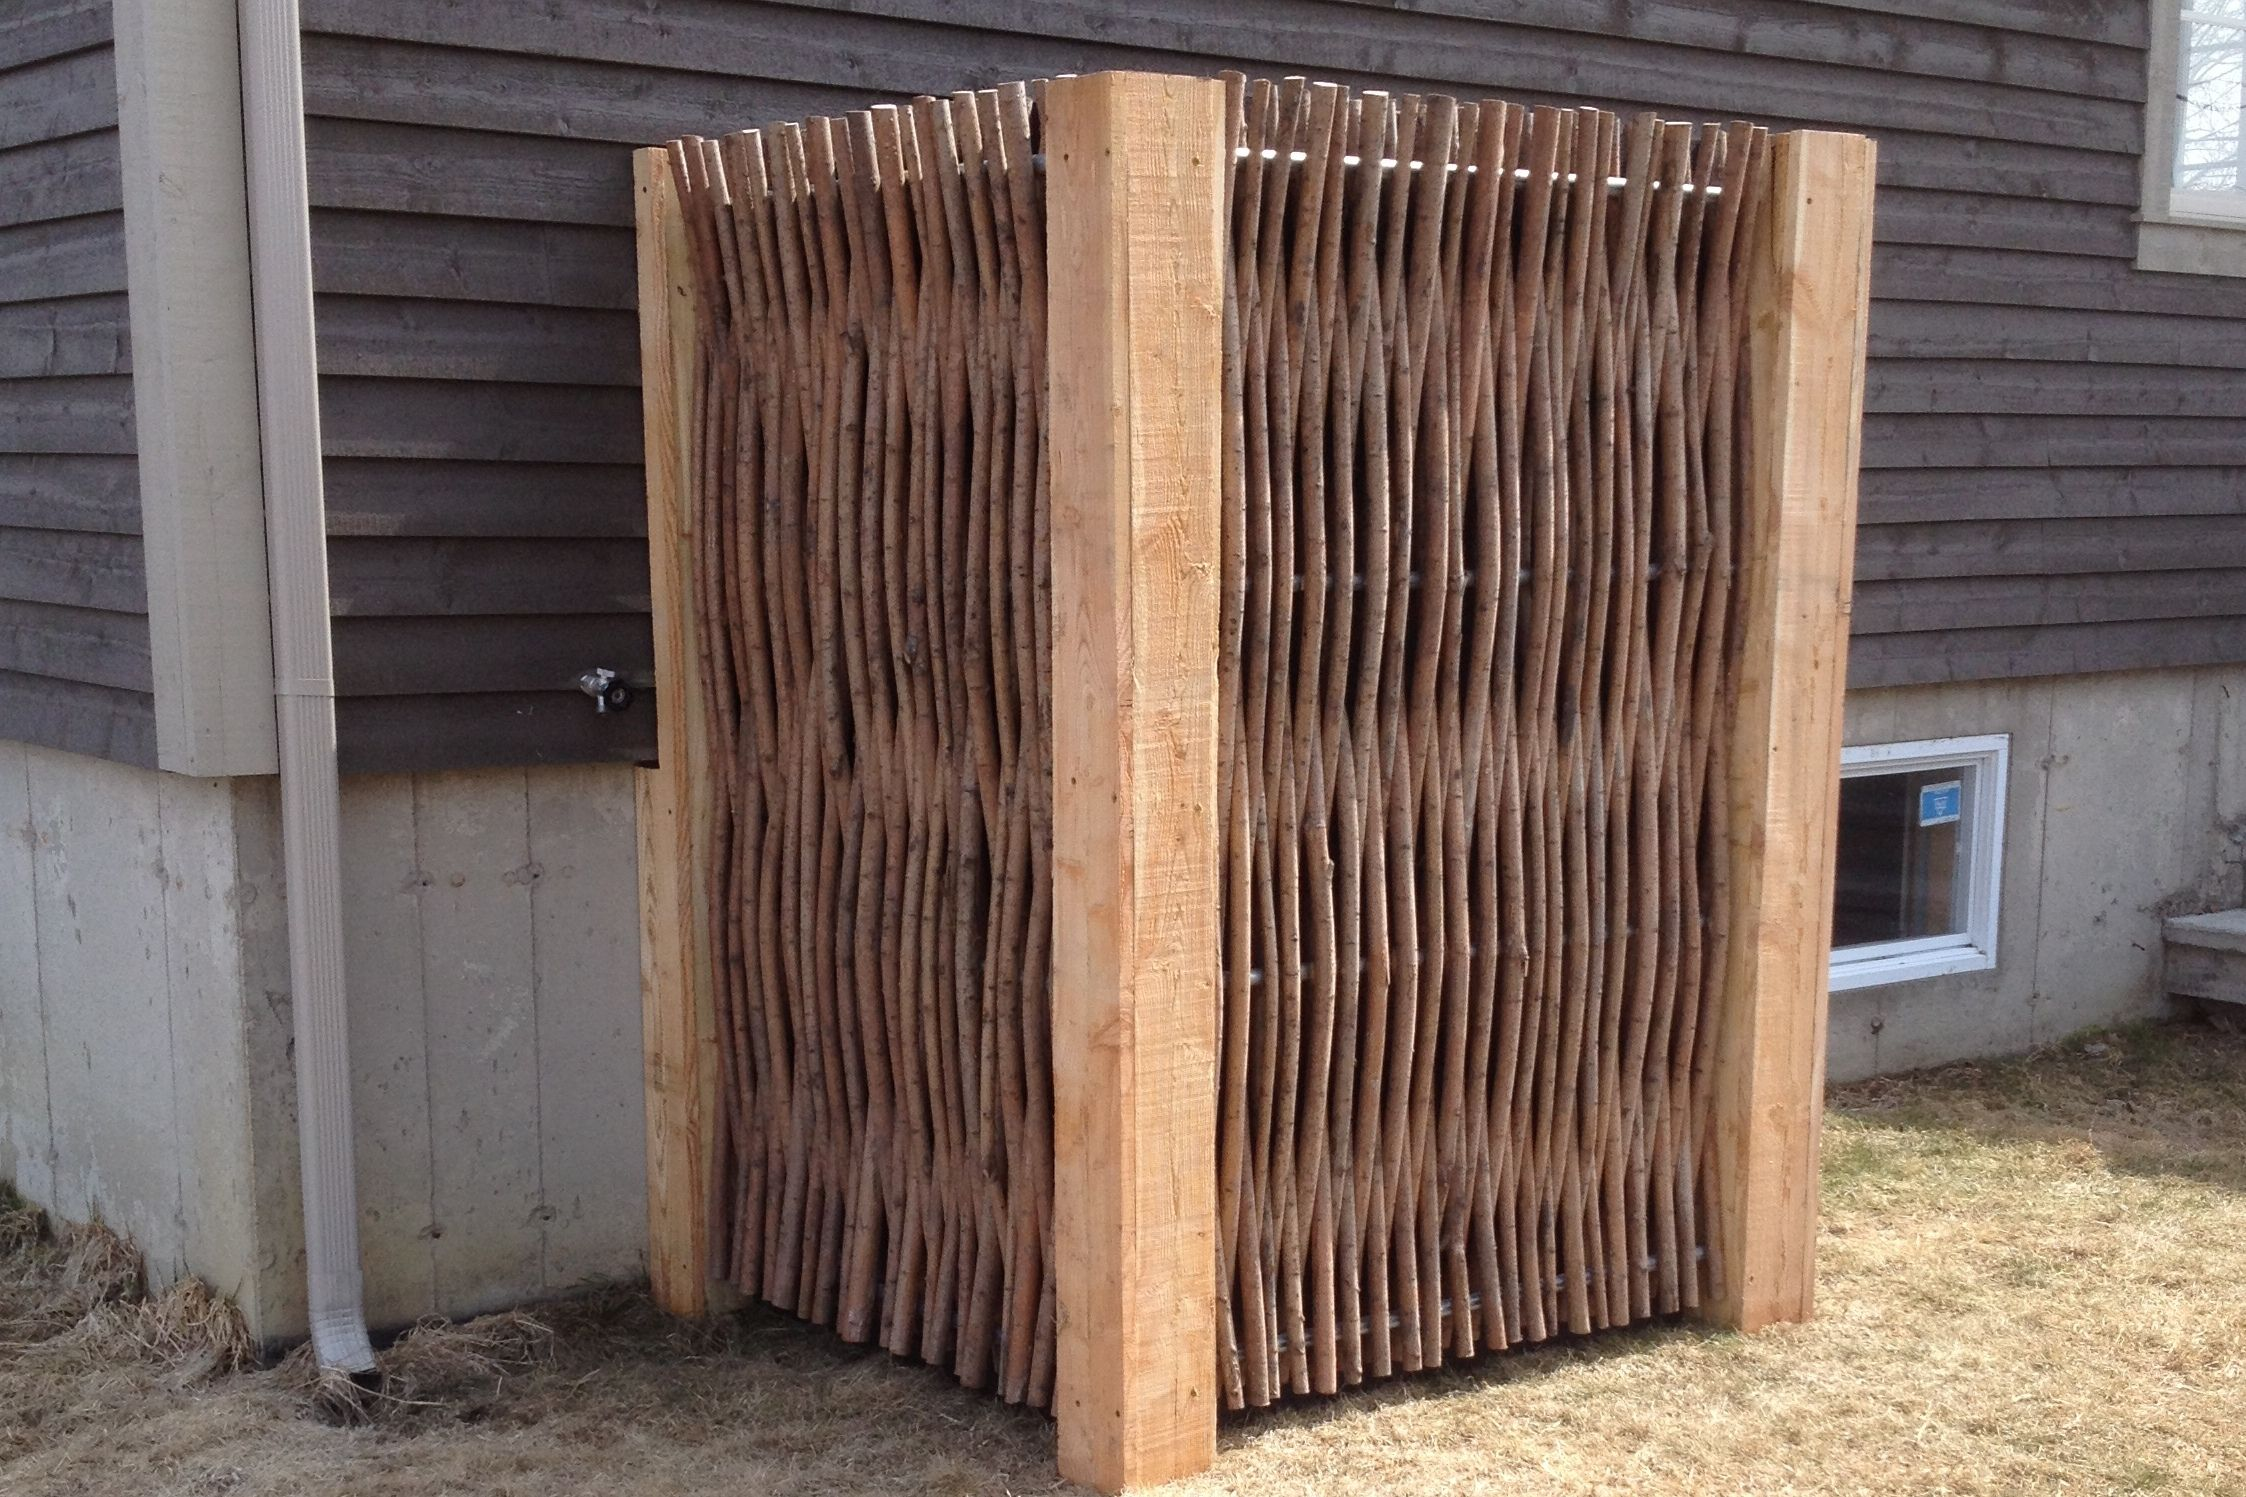 Comment Cacher Sa Terrasse clôtures | déco extérieure, pompe à chaleur, aménagement